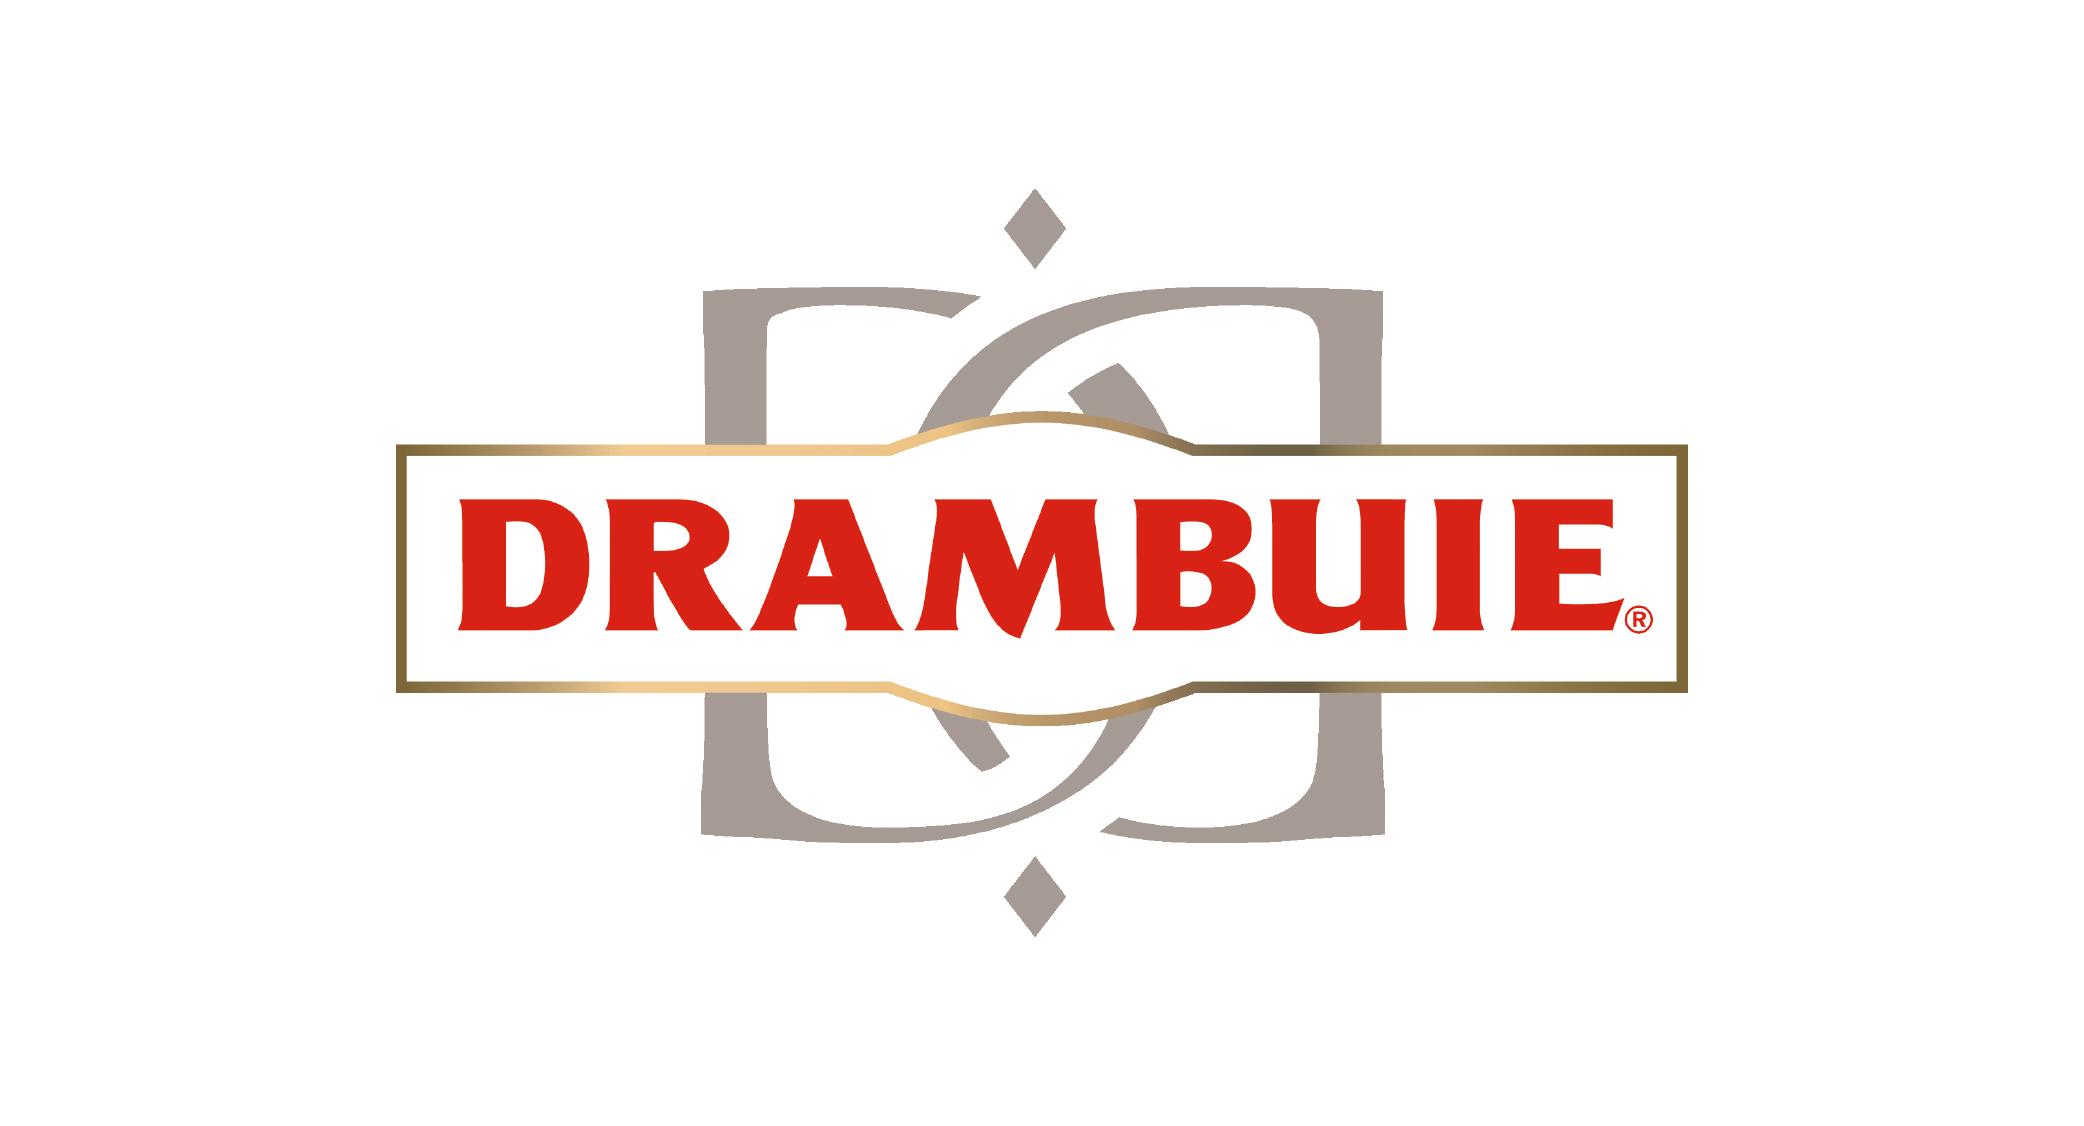 Drambiue-alt-01